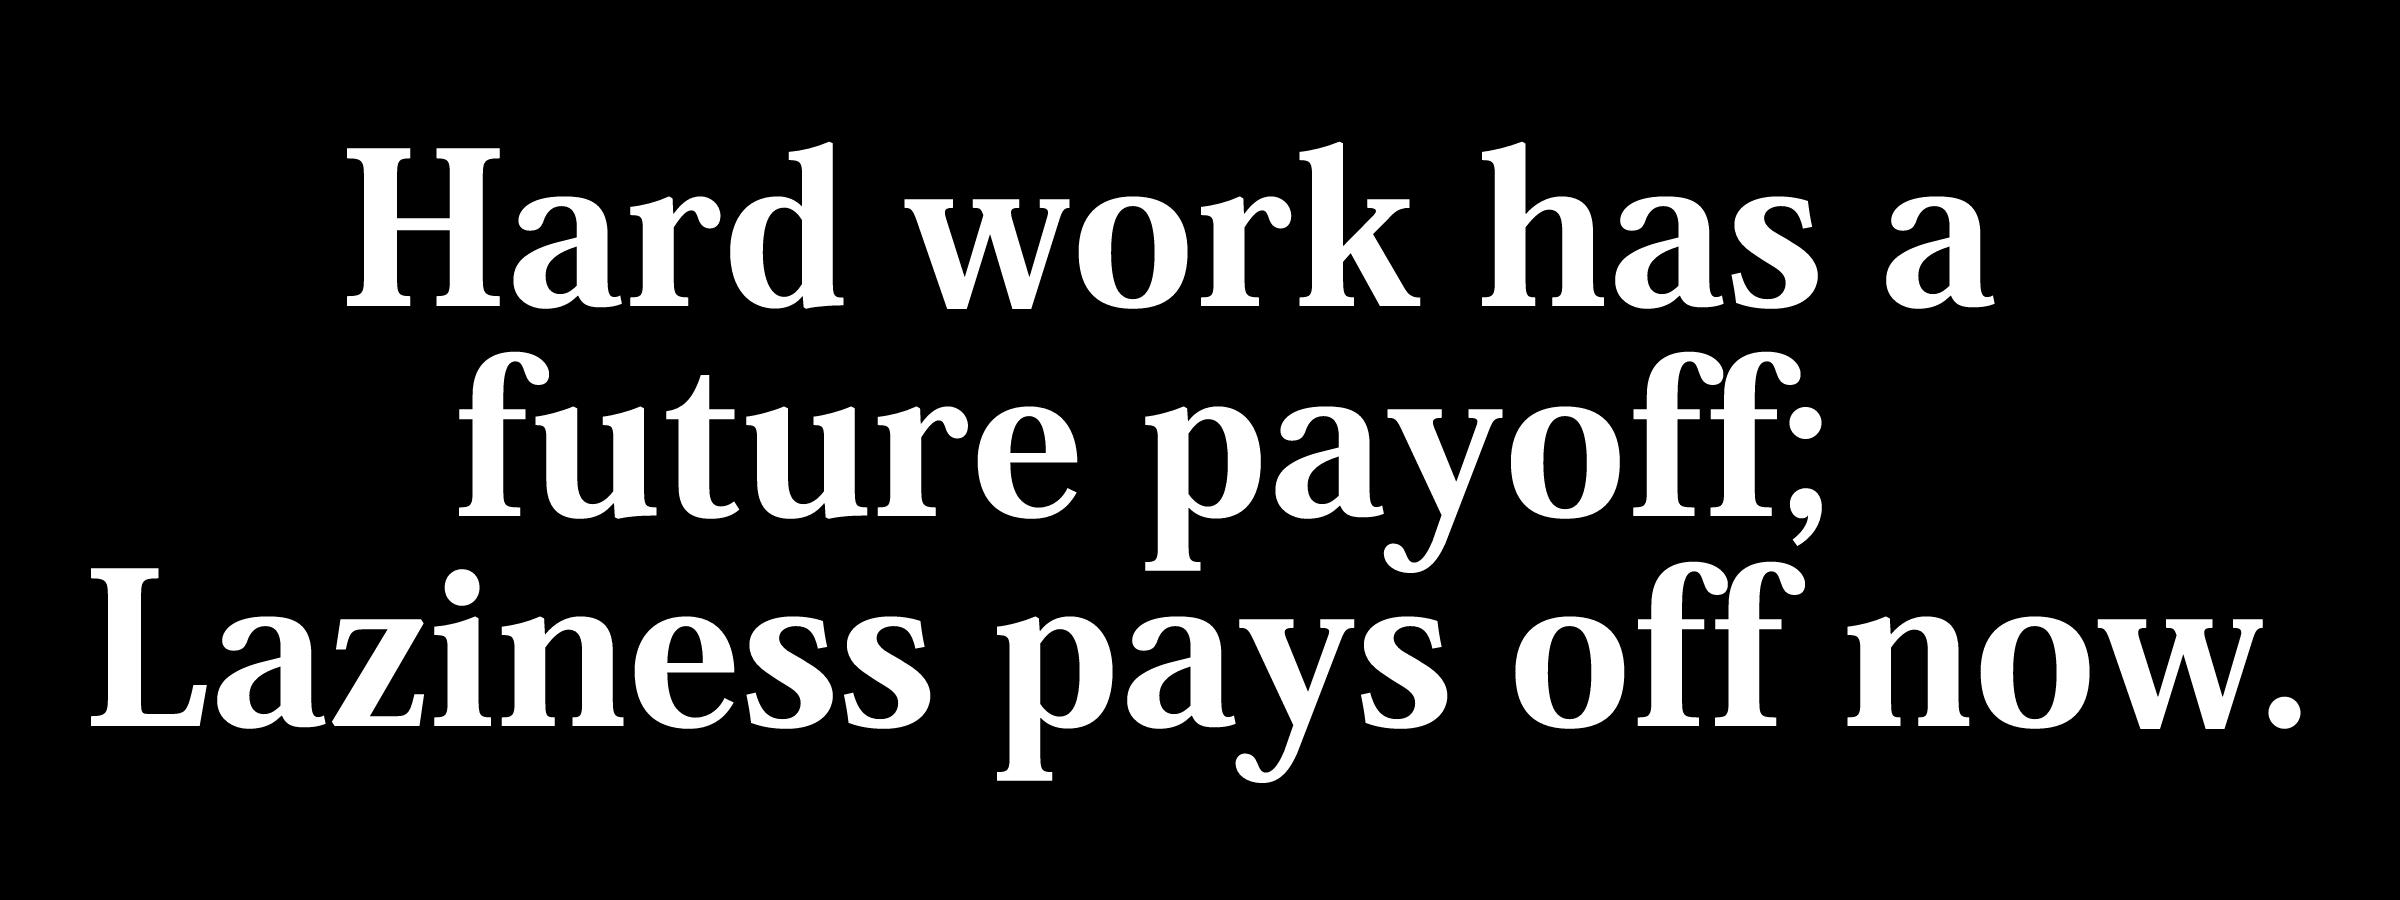 hard work quotes quotesgram